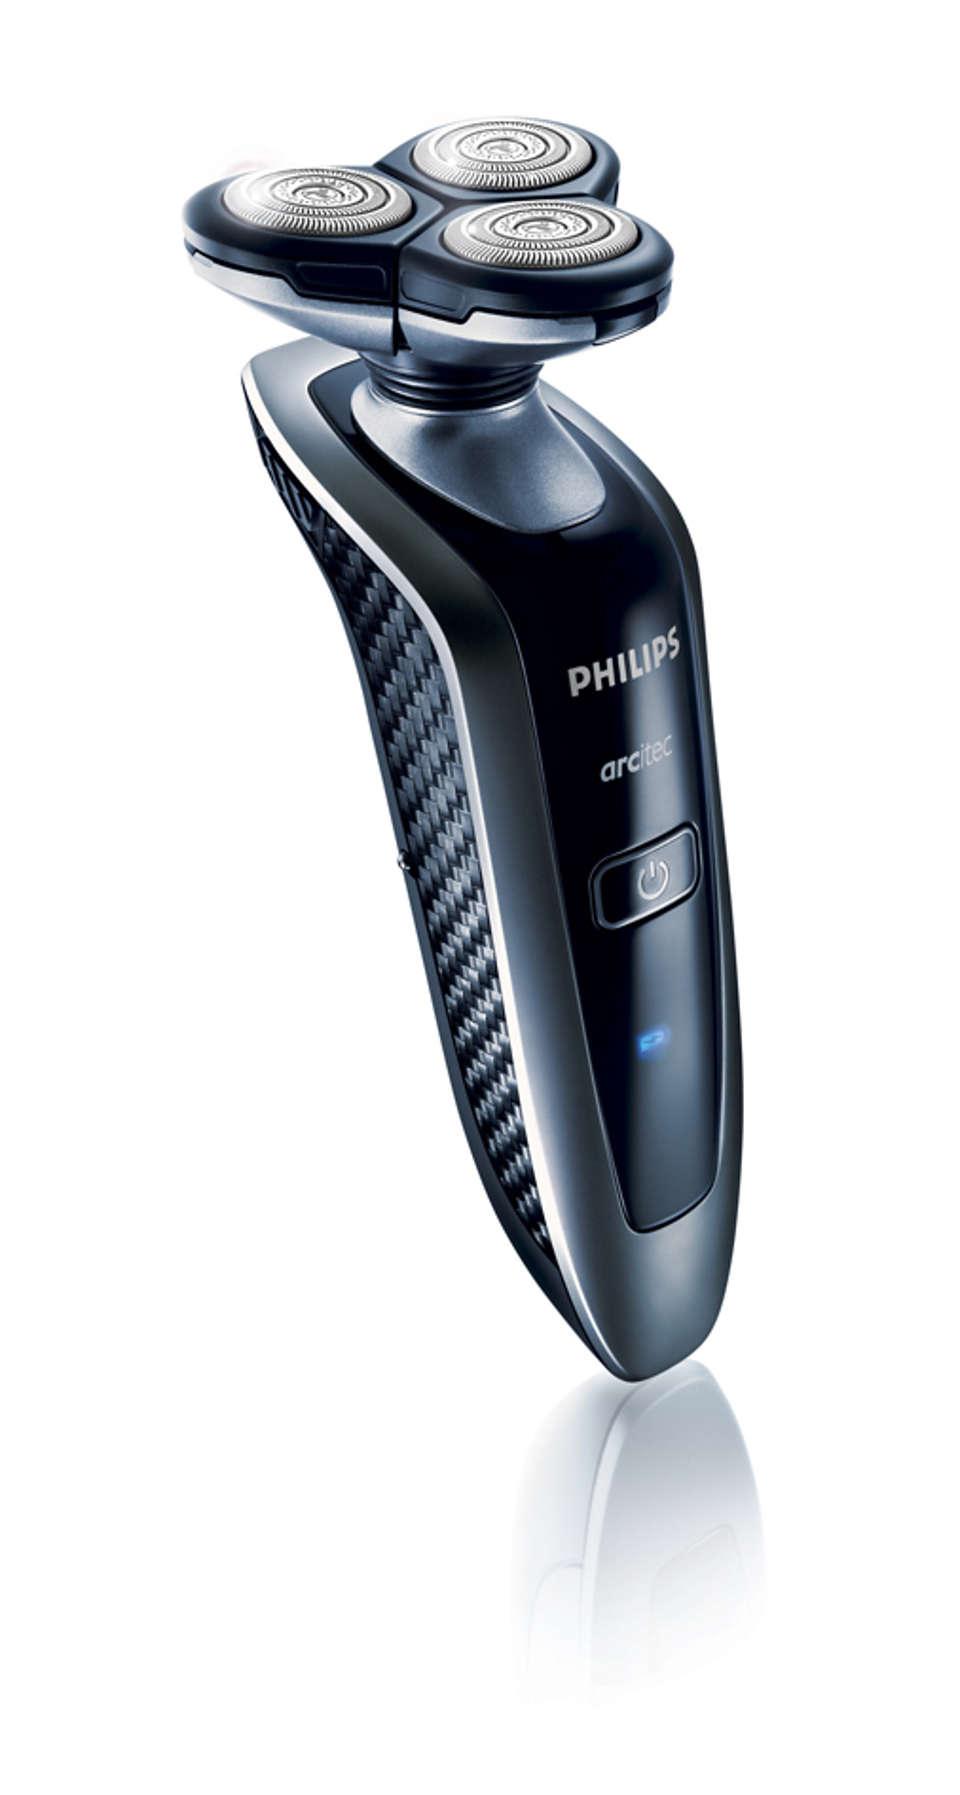 arcitec Afeitadora eléctrica RQ105017 | Philips